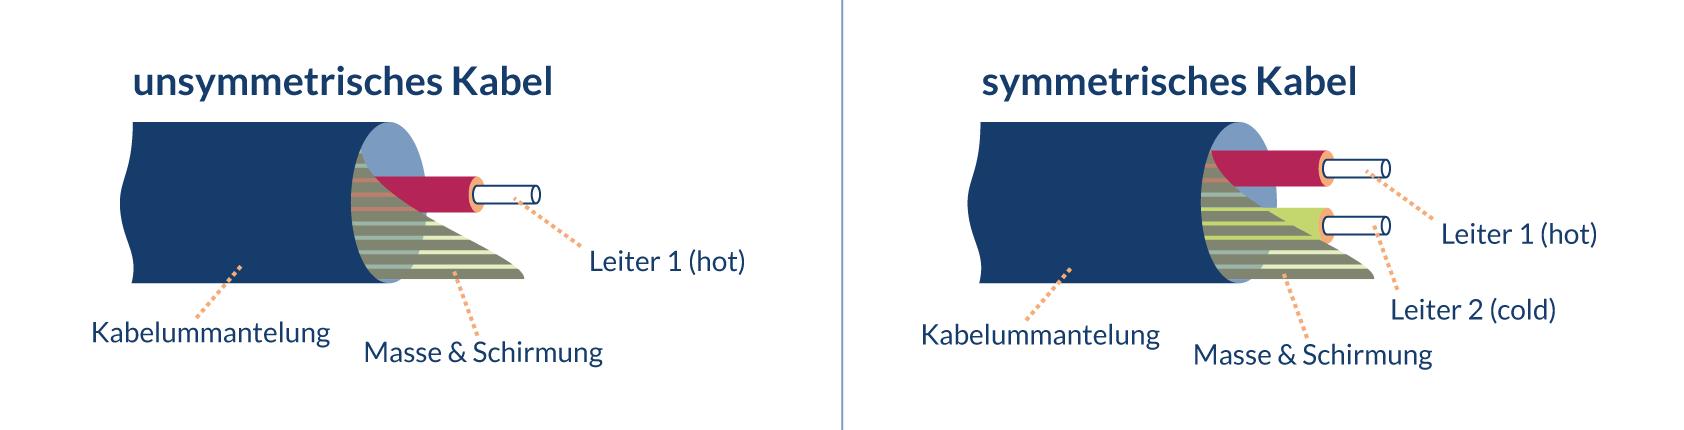 Aufbau unsymmetrischer und symmetrischer Kabel